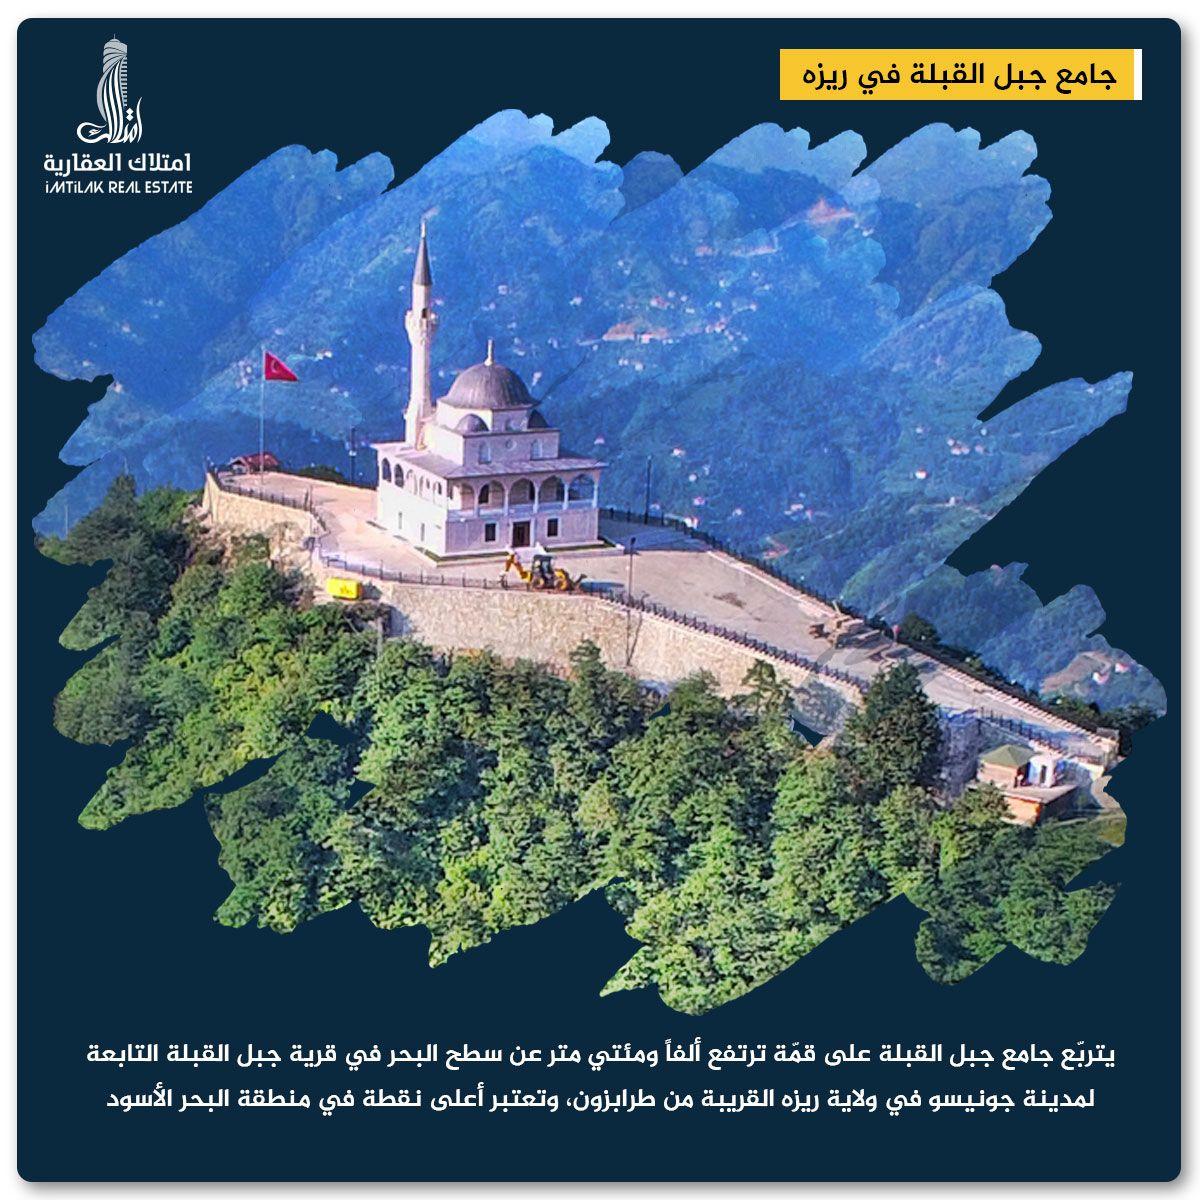 مسجد جبل القبلة في تركيا تحفة تعانق السماء Movie Posters Poster Movies